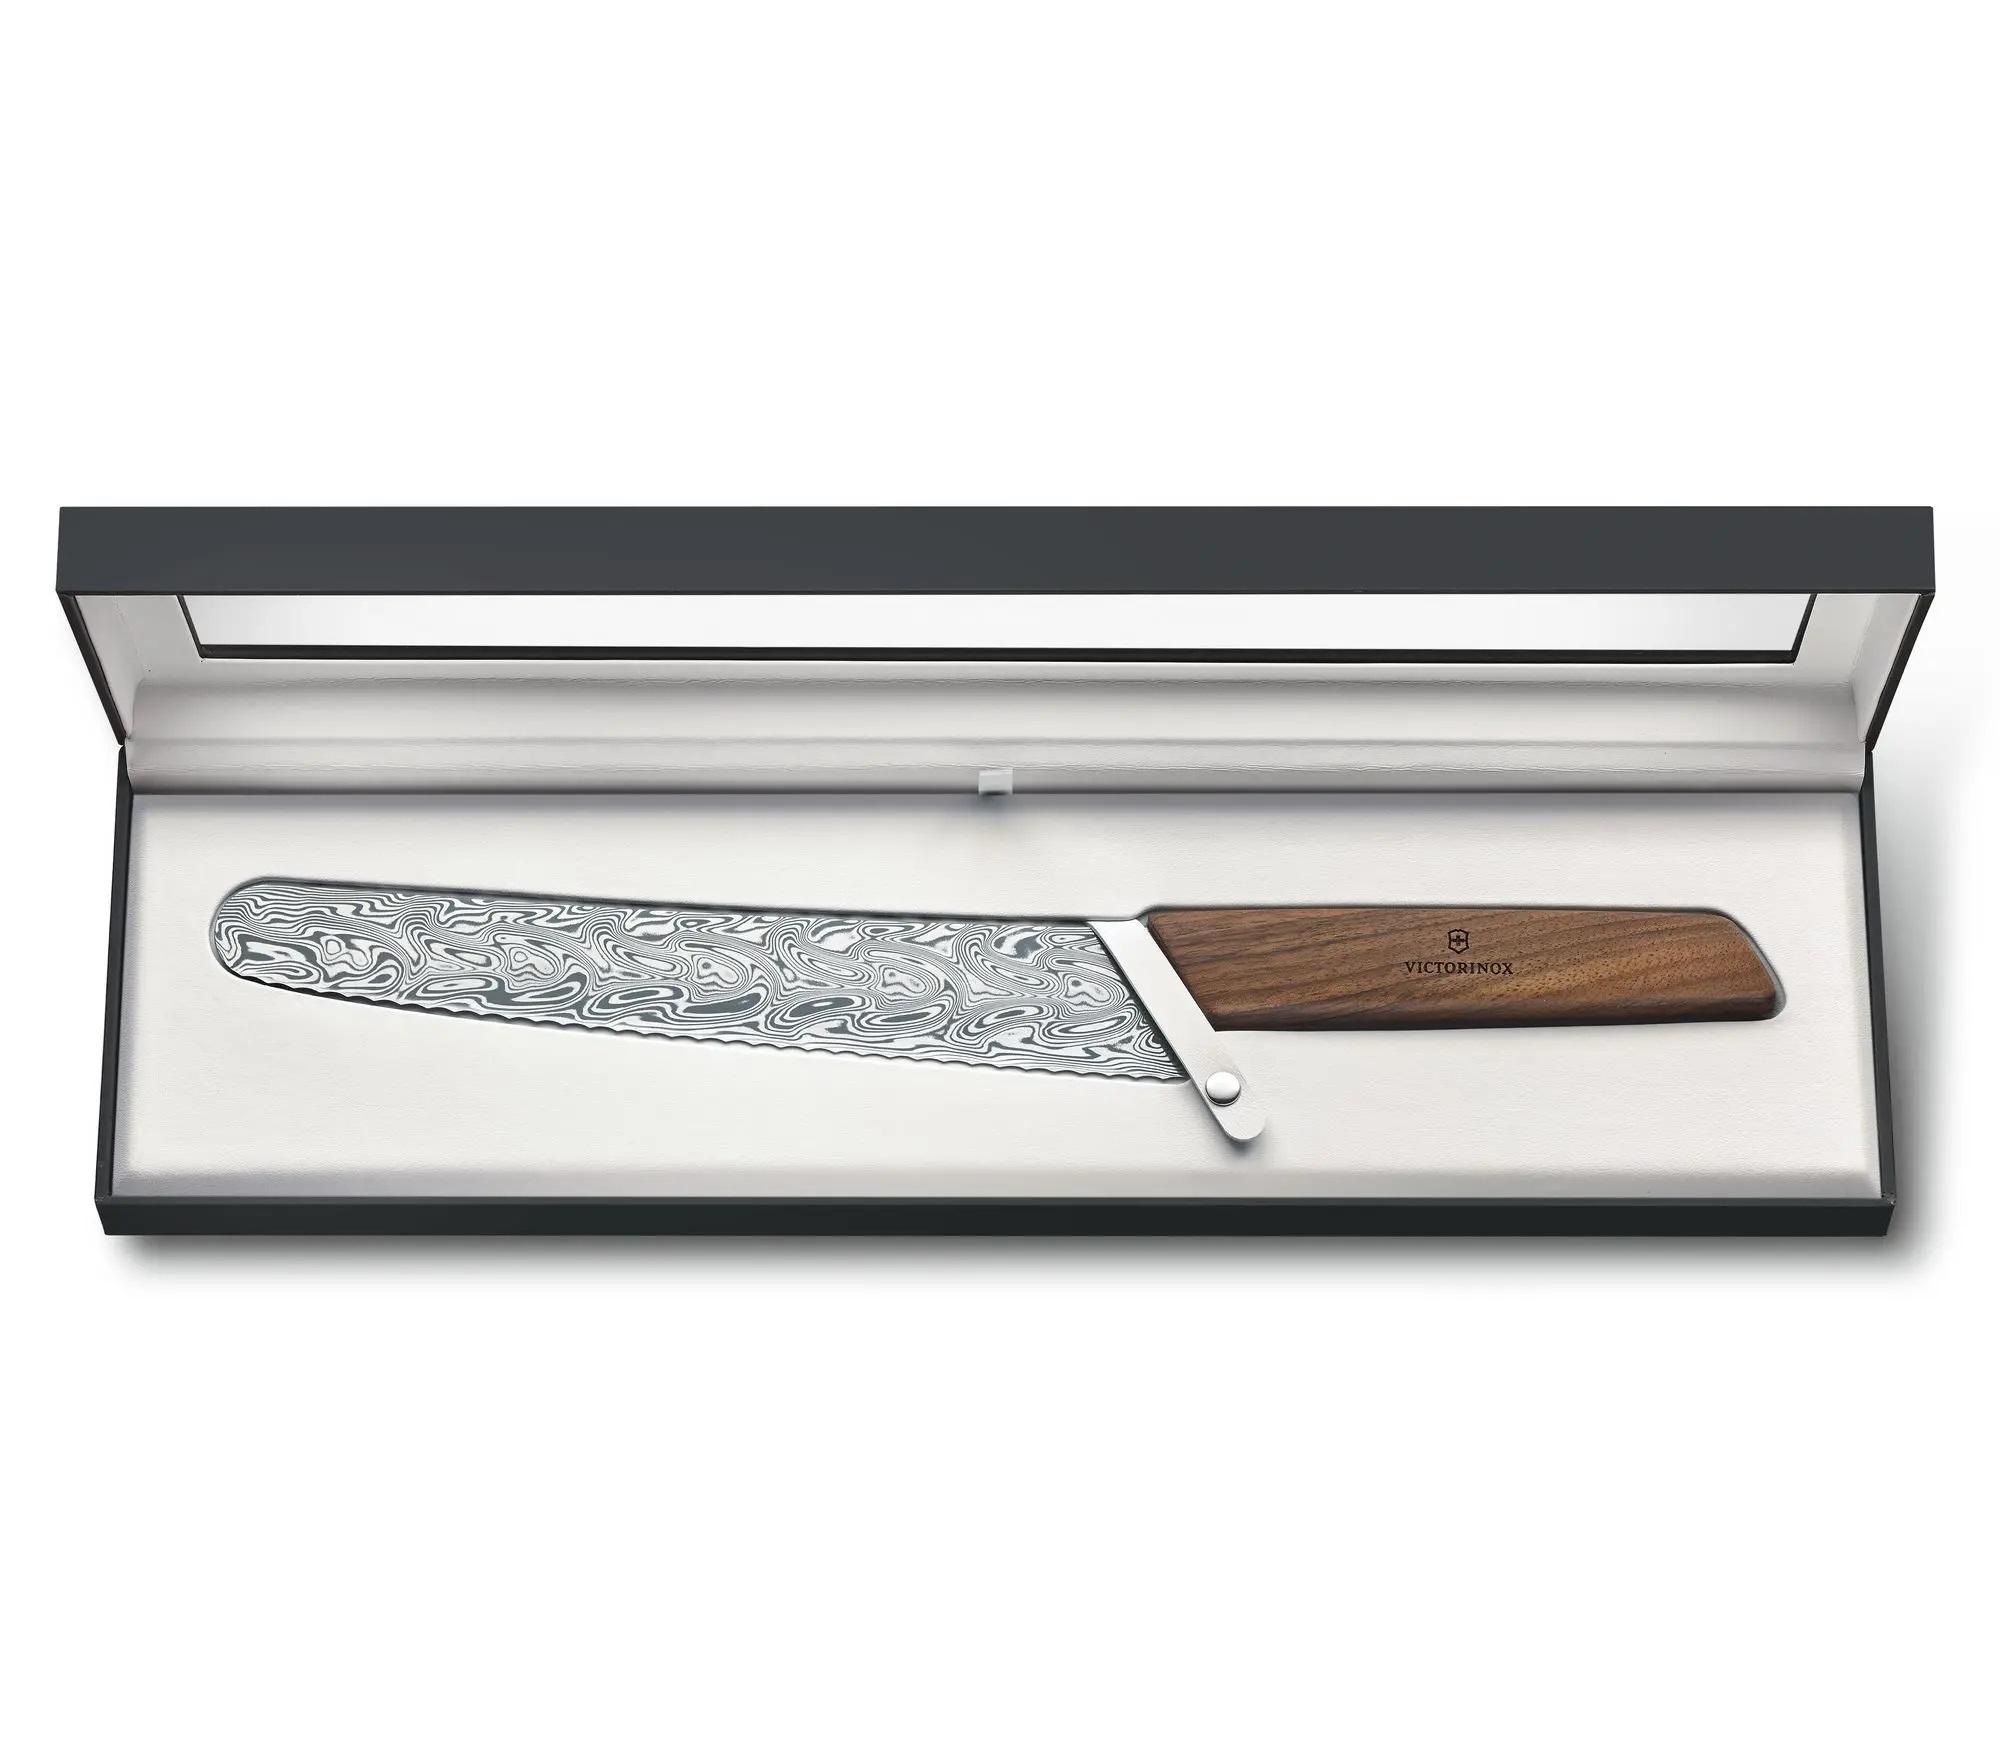 Кухонный коллекционный нож Victorinox Swiss Modern Bread and Pastry Damast Limited Edition 2021 (6.9070.22WJ21) дамасская сталь, лимитированное издание | Wenger-Victorinox.Ru